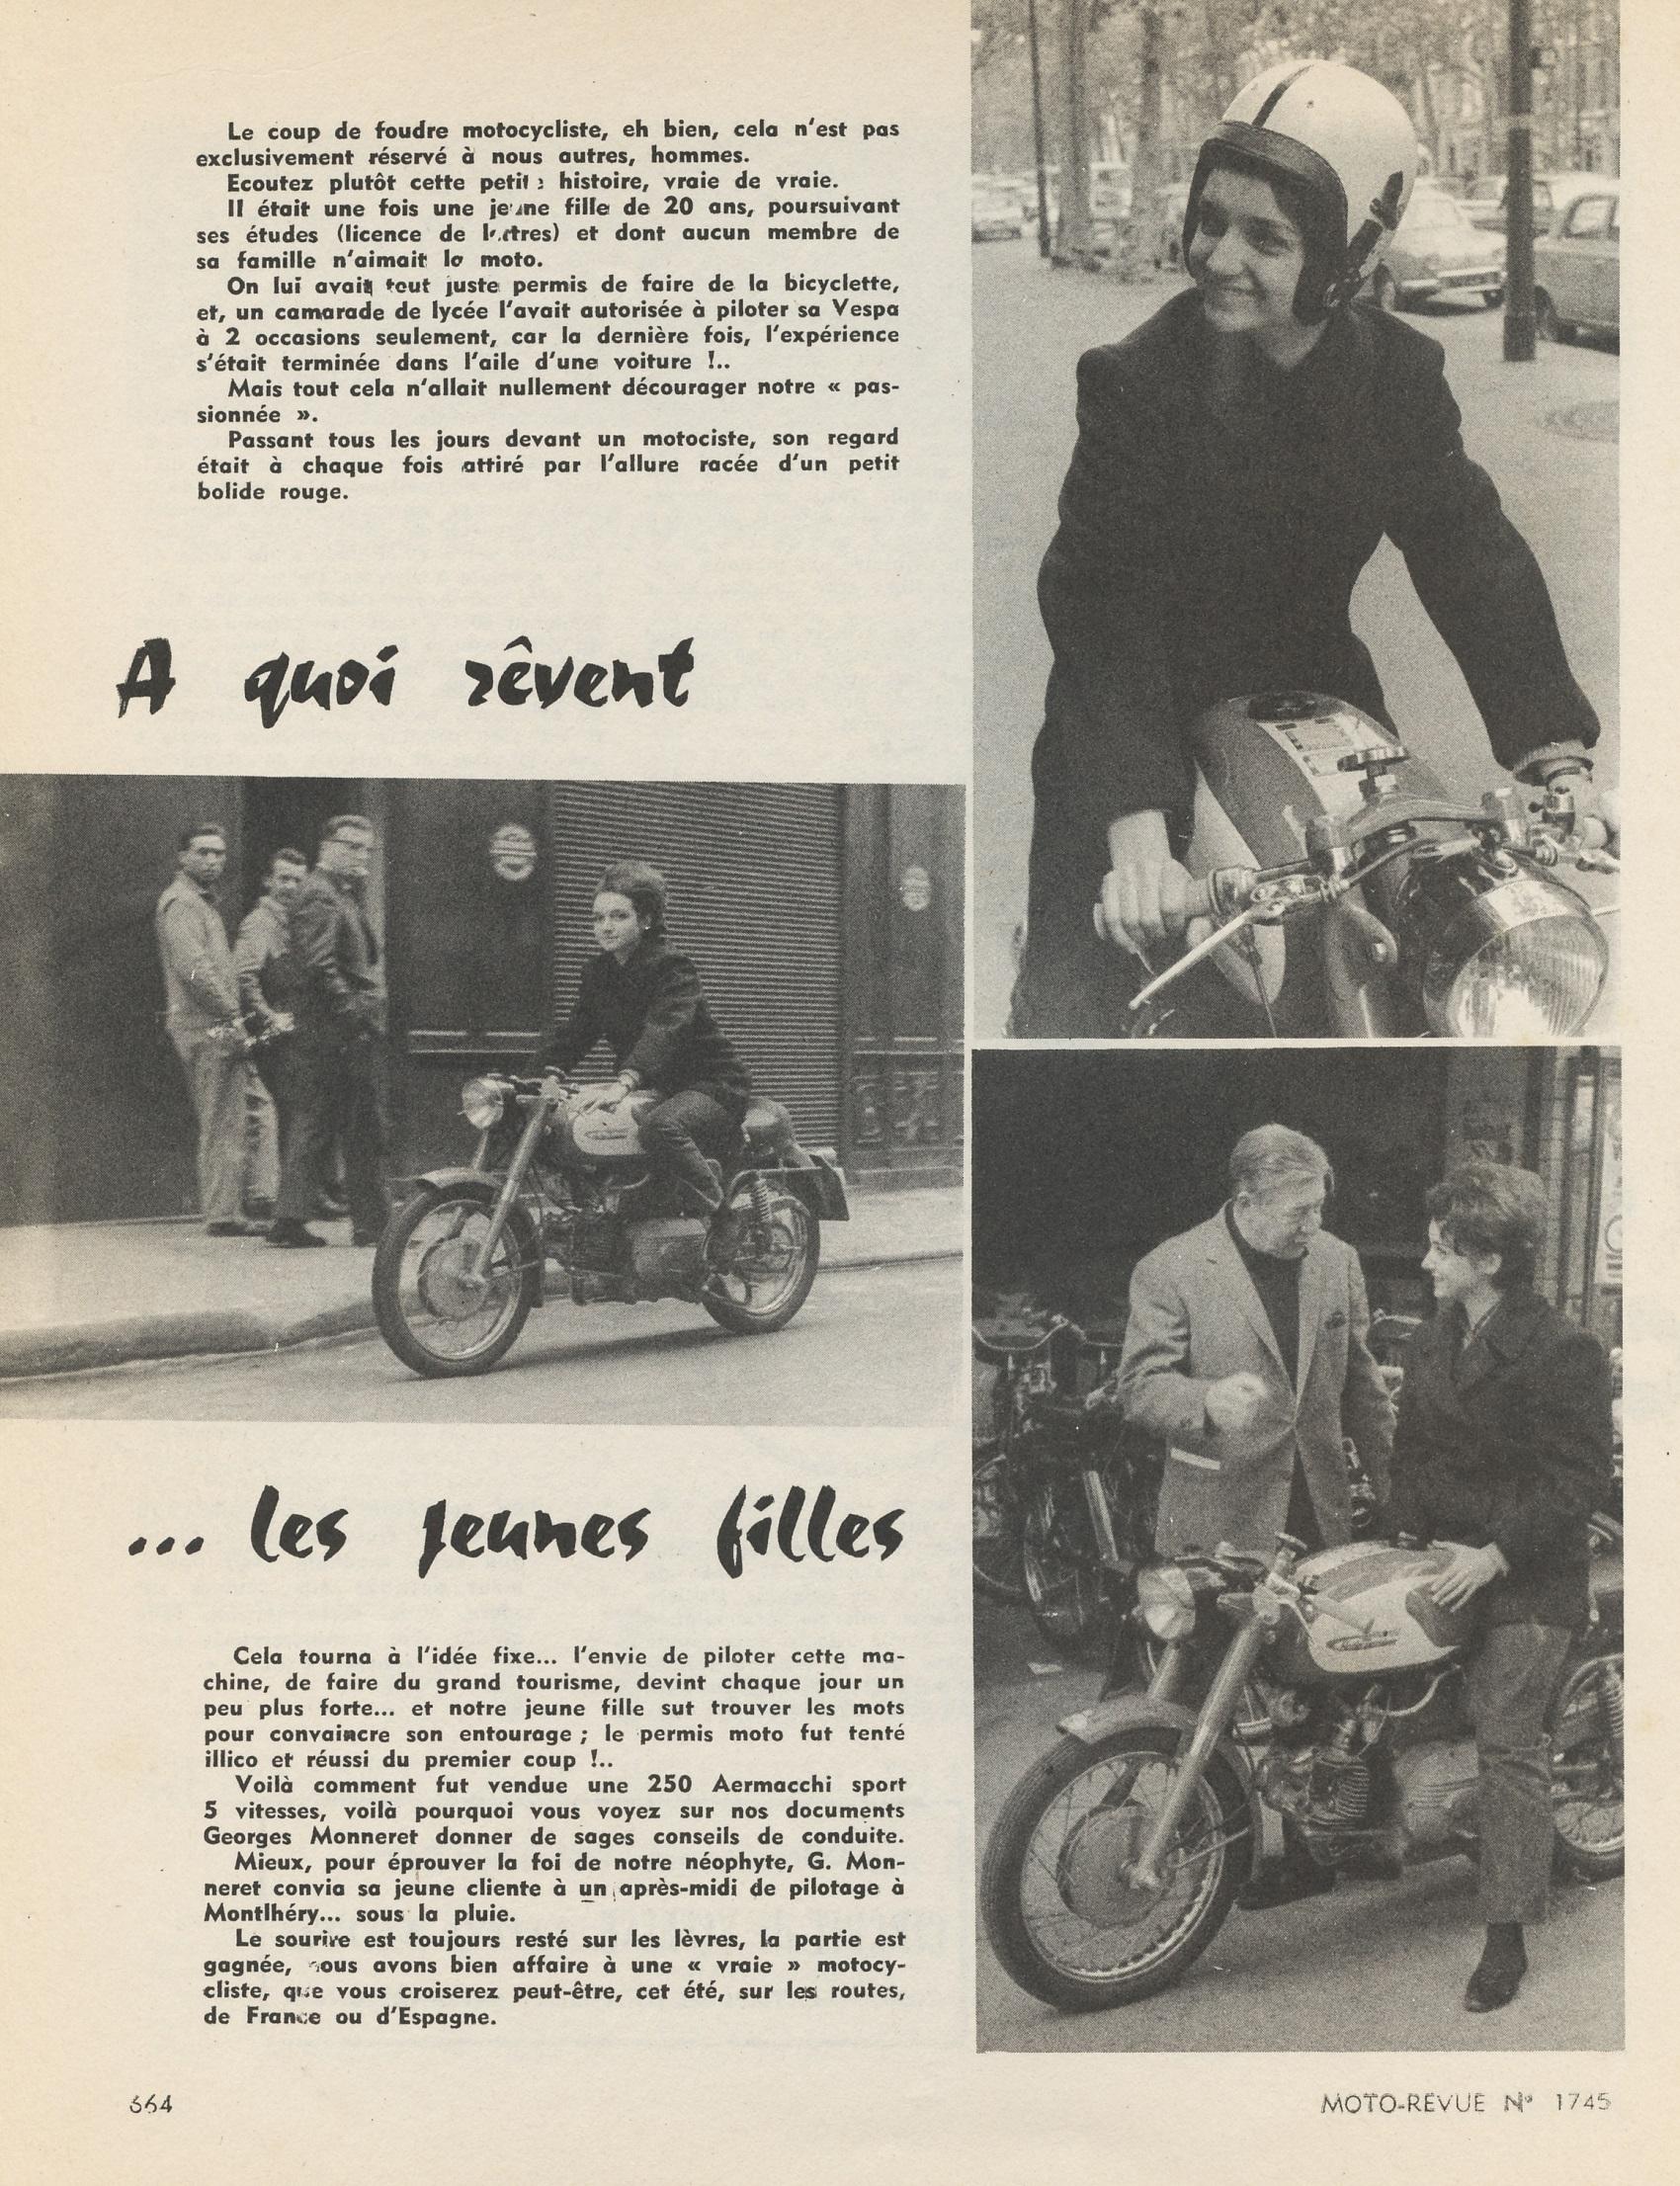 [Oldies] Motocistes d'époque - Page 6 7834681745aermacchi